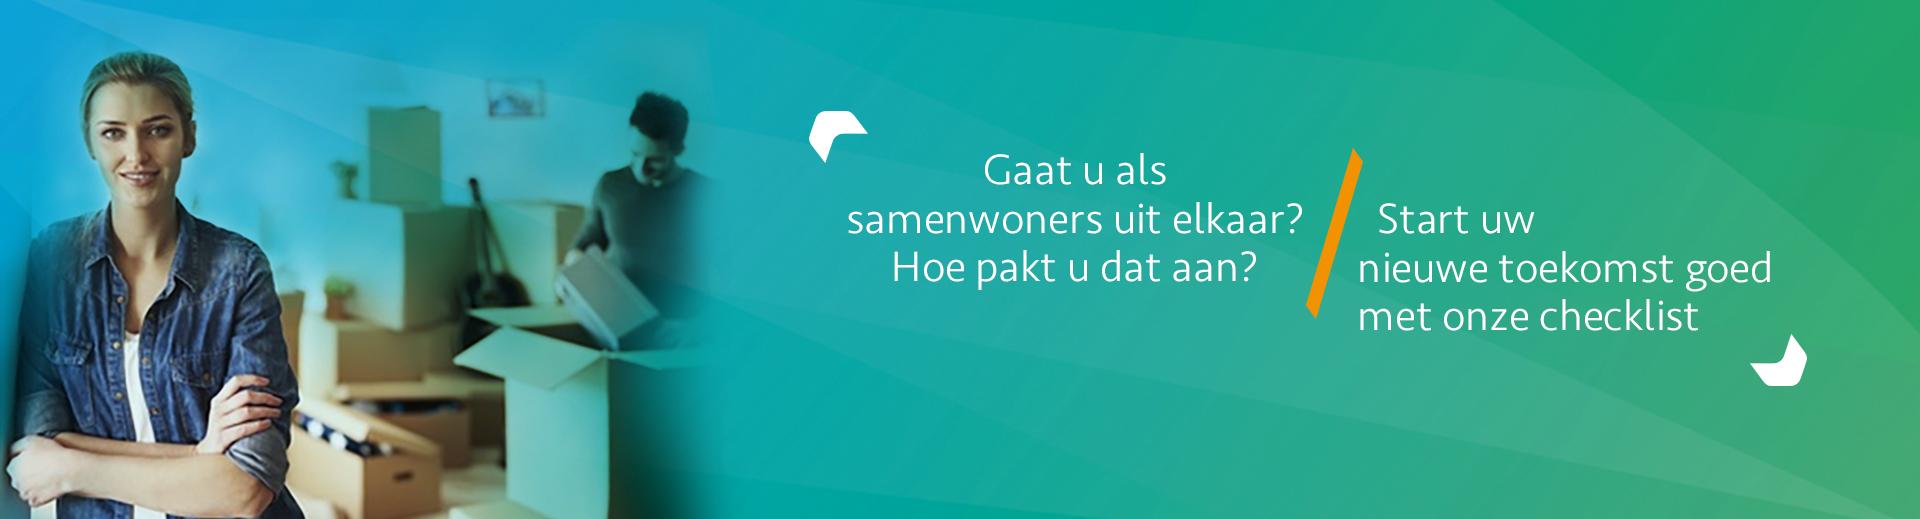 Samenwonen en uit elkaar gaan, wat nu? Met checklist - Scheidingsplanner Den Haag & Rijswijk